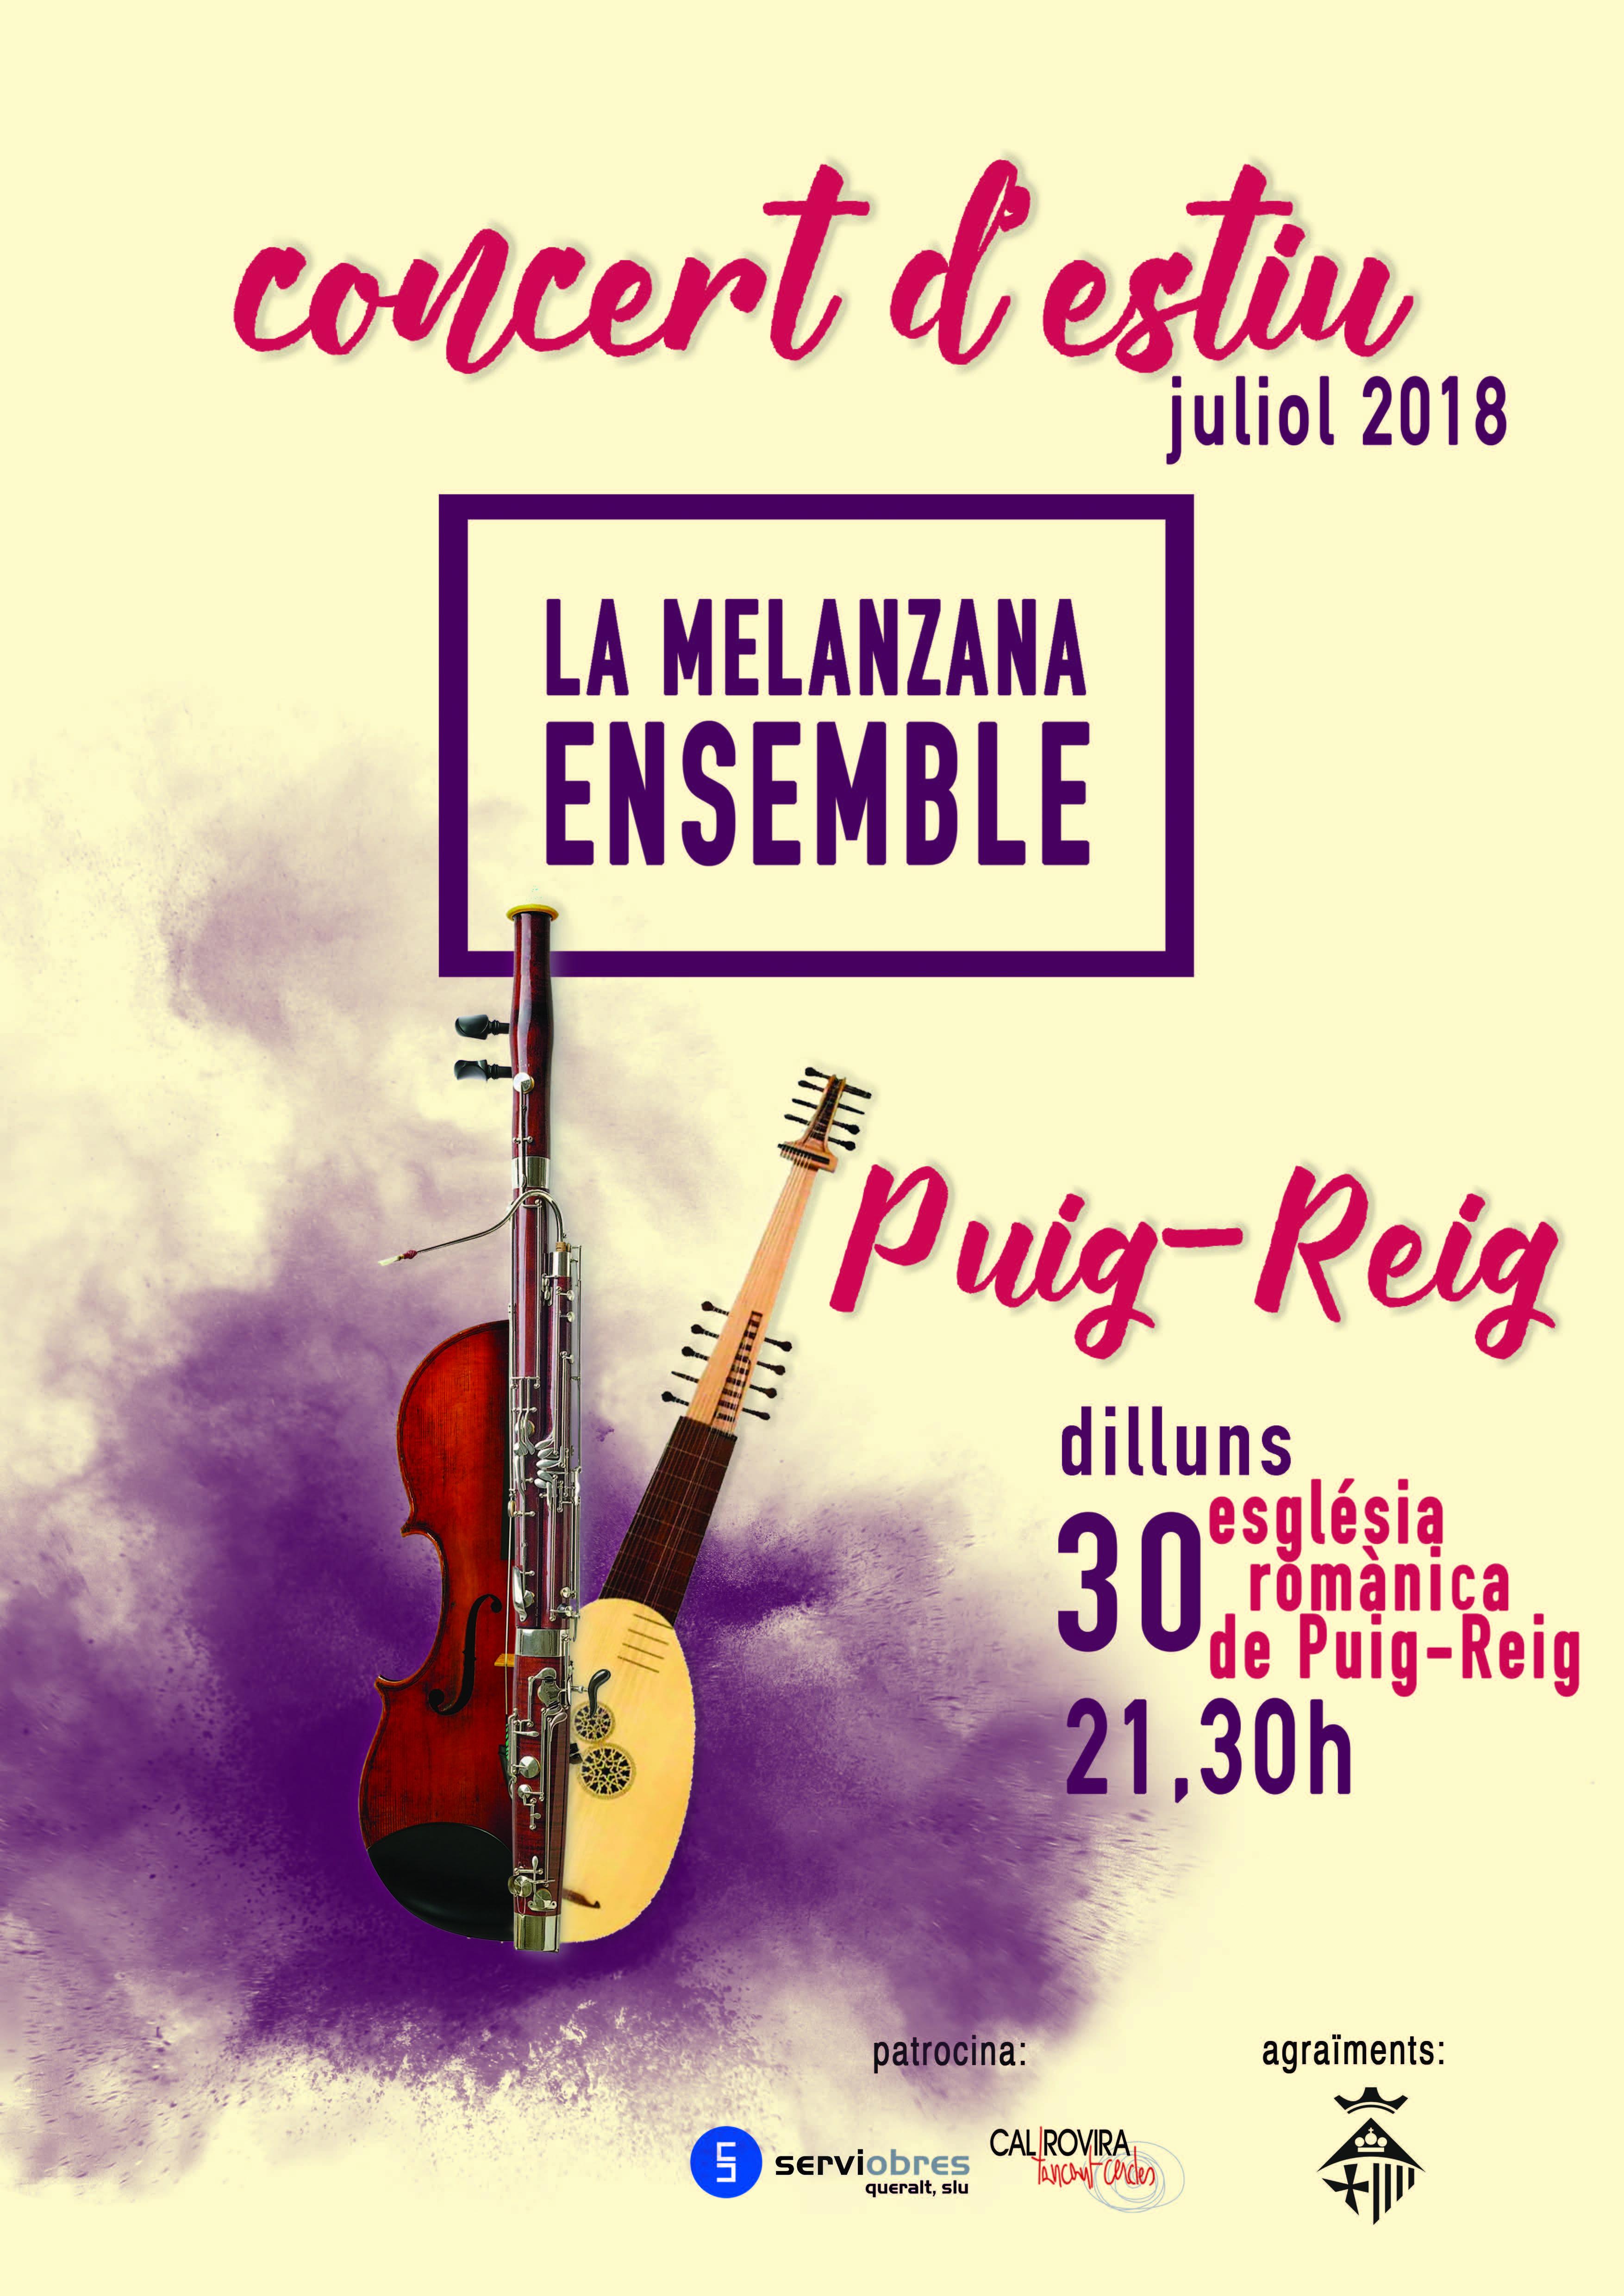 Concert d'Estiu a Puig-reig